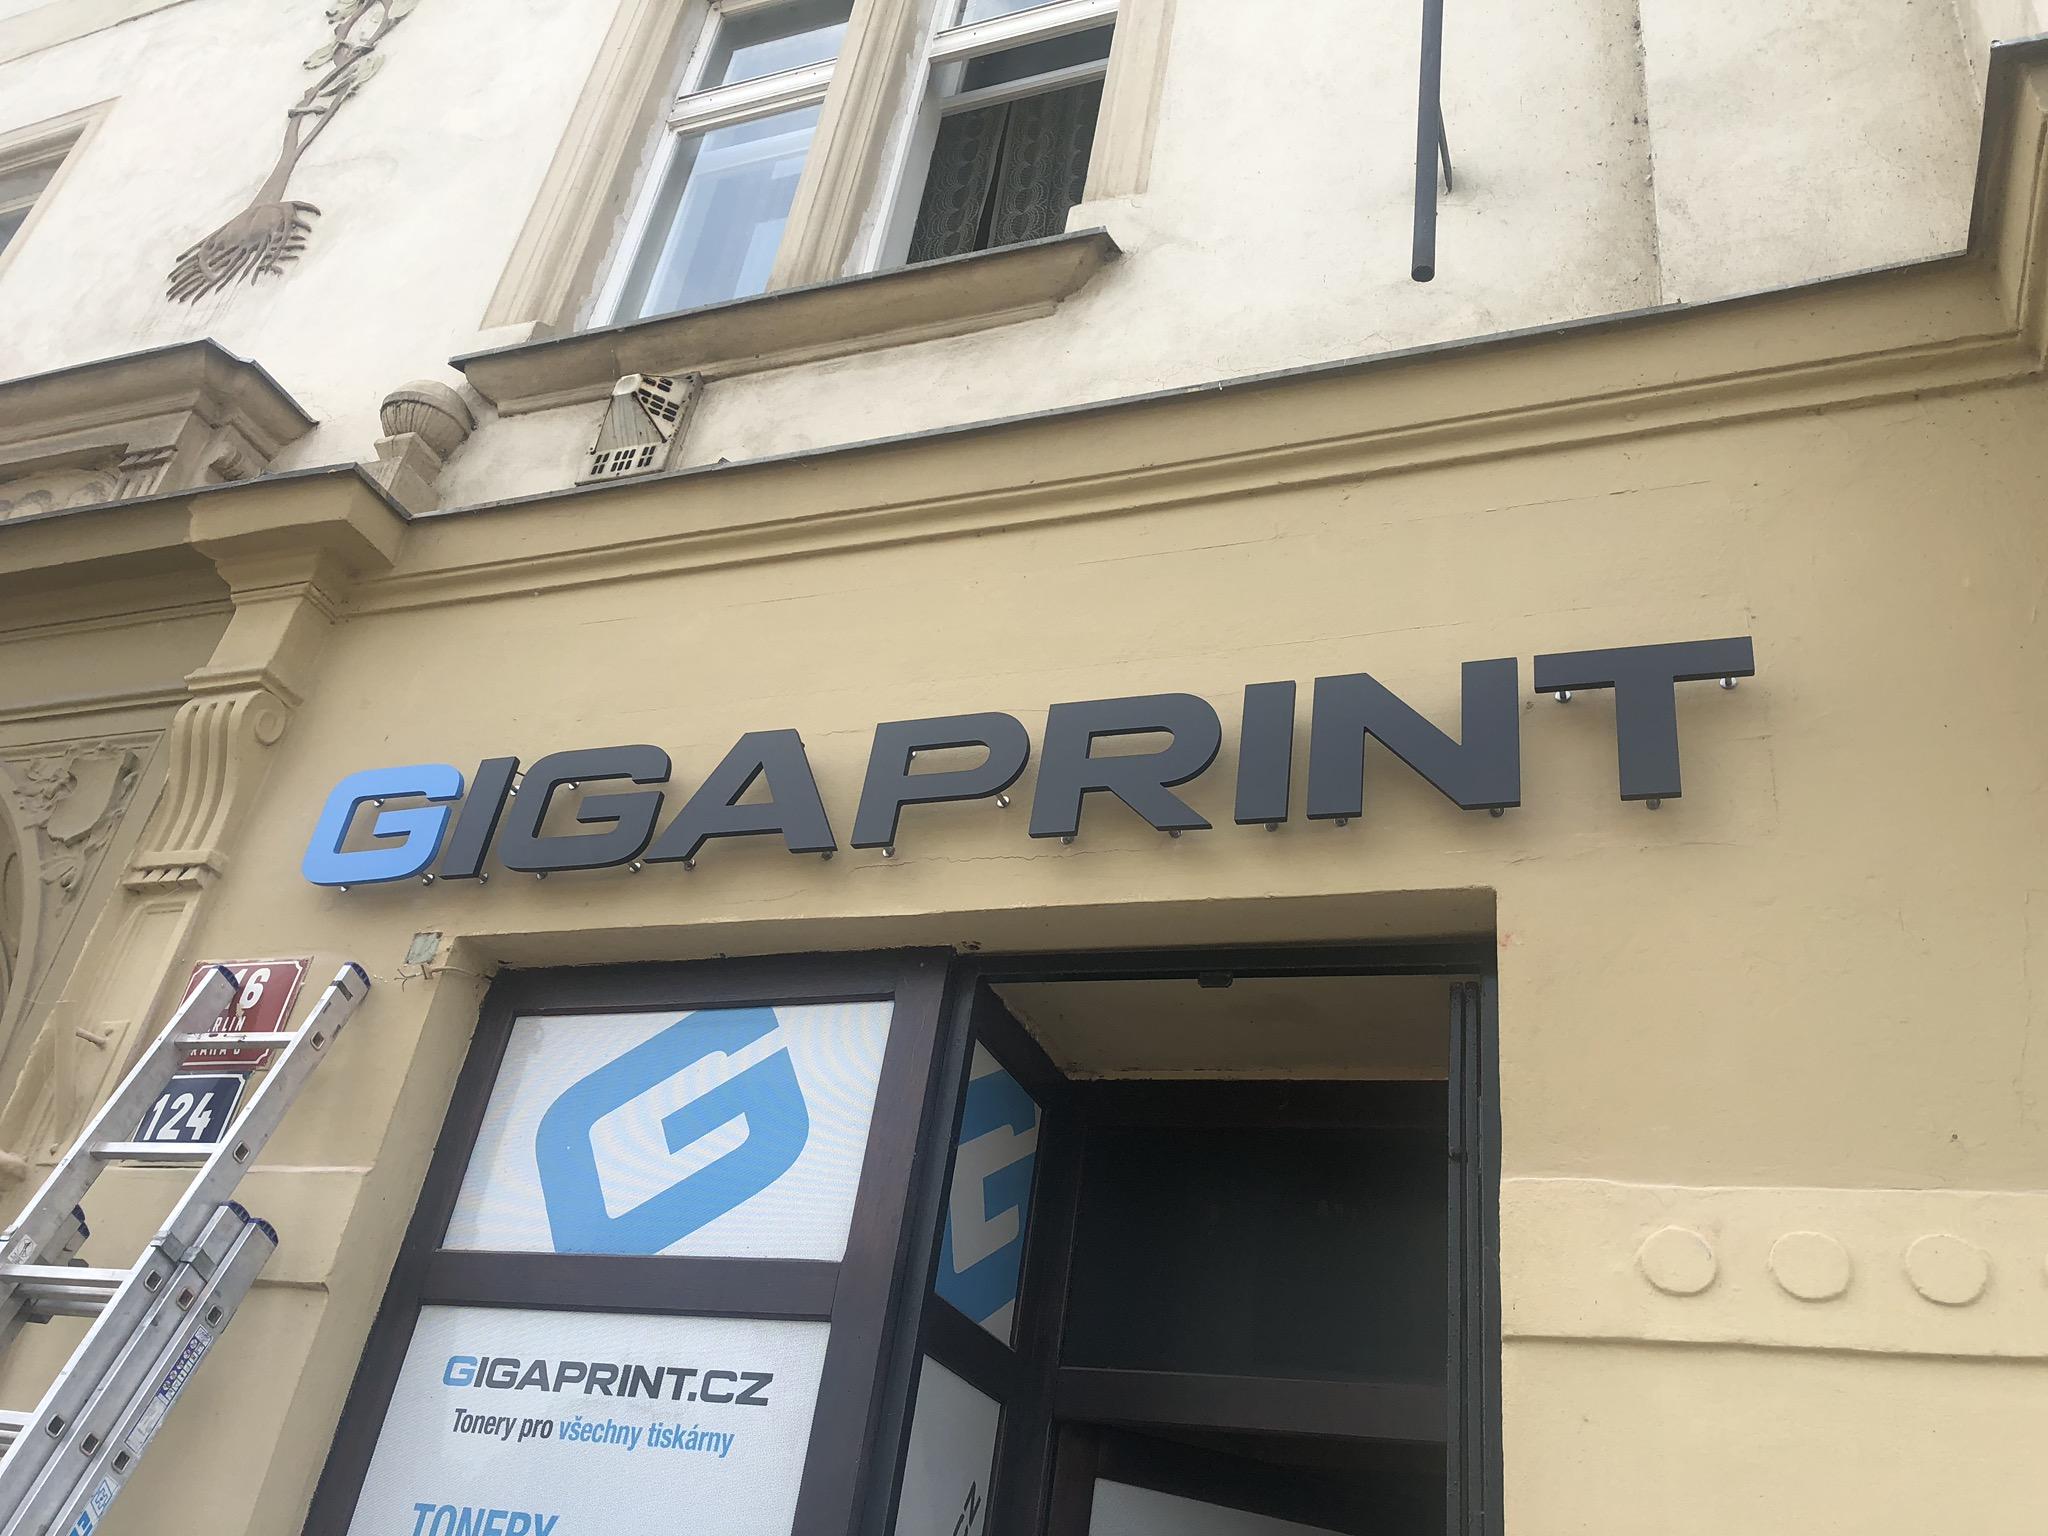 3D světelná reklama pro prodejnu Gigaprint | PixelBrothers.cz